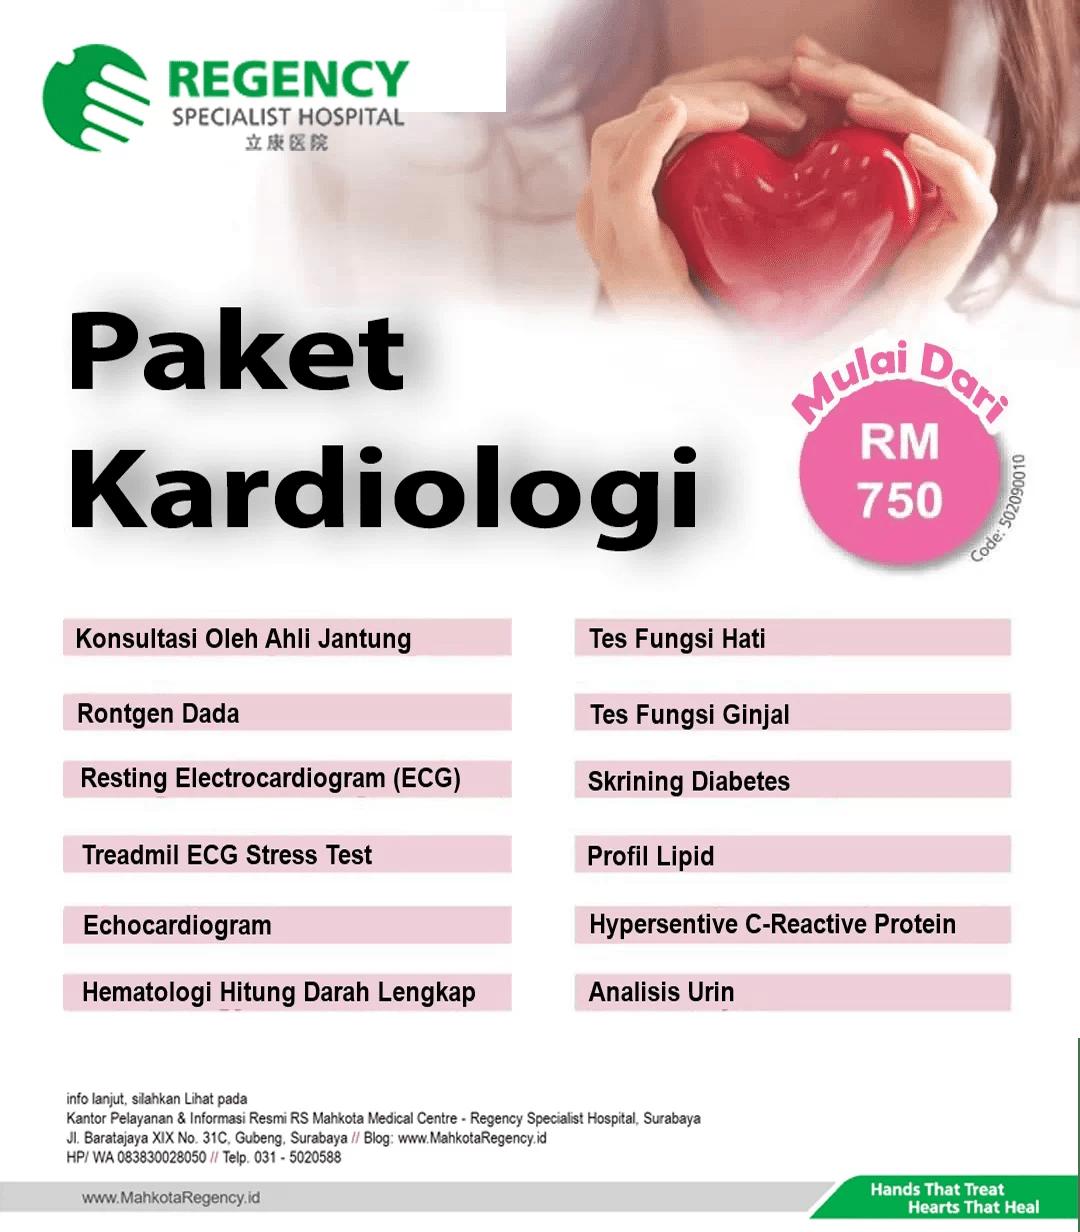 Promo Paket Pemeriksaan Jantung Lengkap (Regency Specialist Hospital) 1